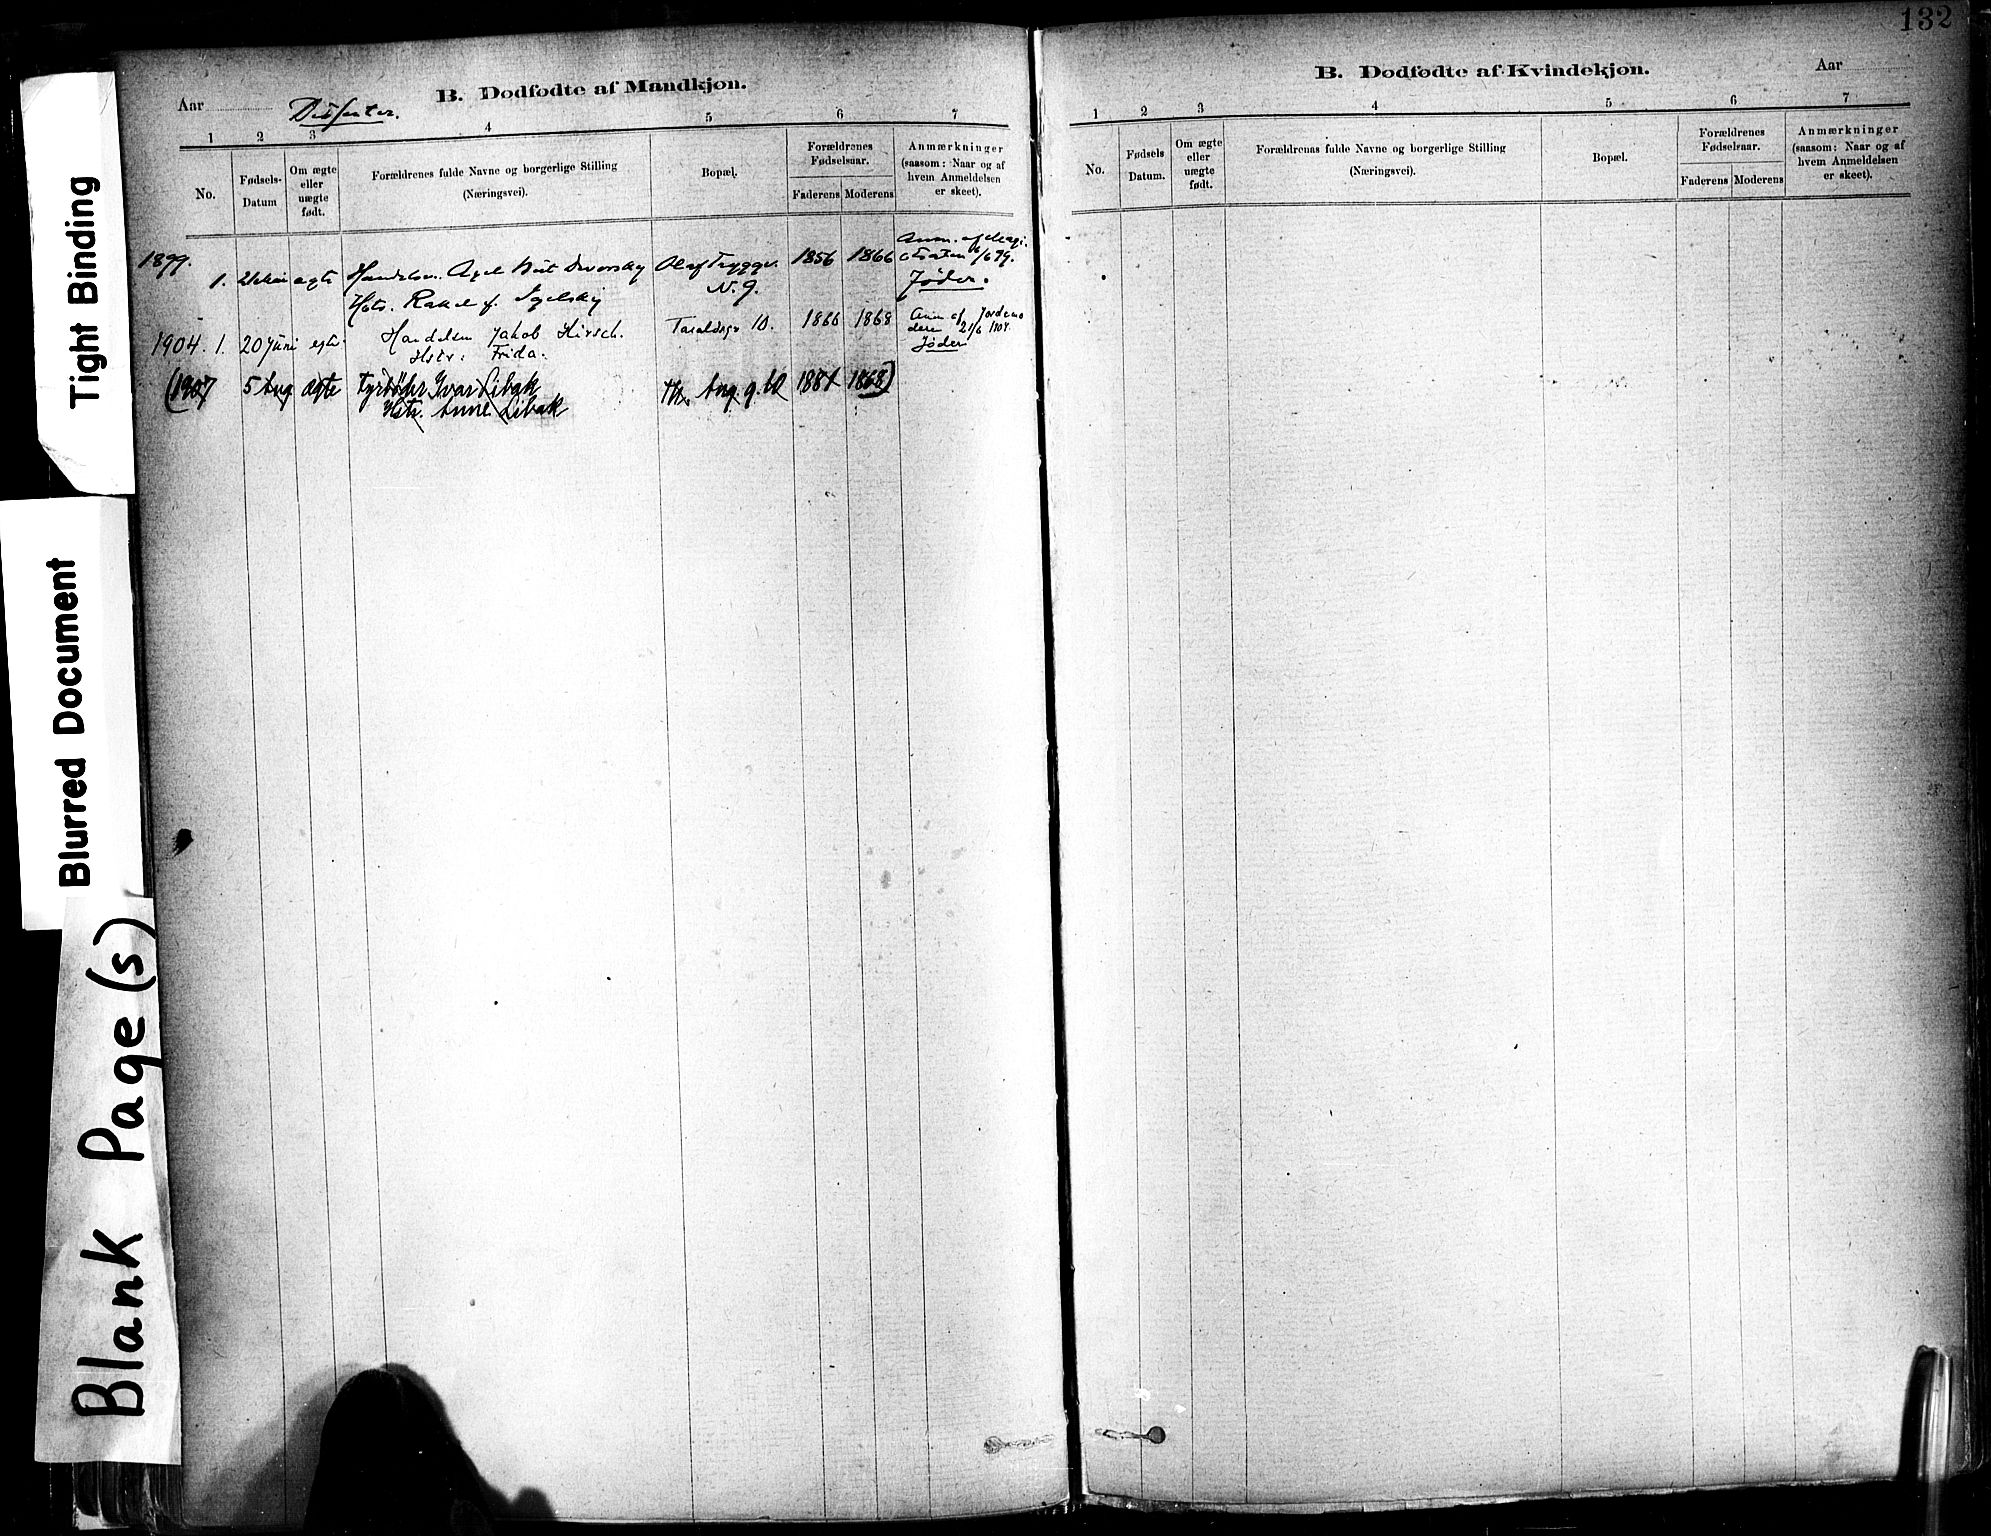 SAT, Ministerialprotokoller, klokkerbøker og fødselsregistre - Sør-Trøndelag, 602/L0119: Ministerialbok nr. 602A17, 1880-1901, s. 132